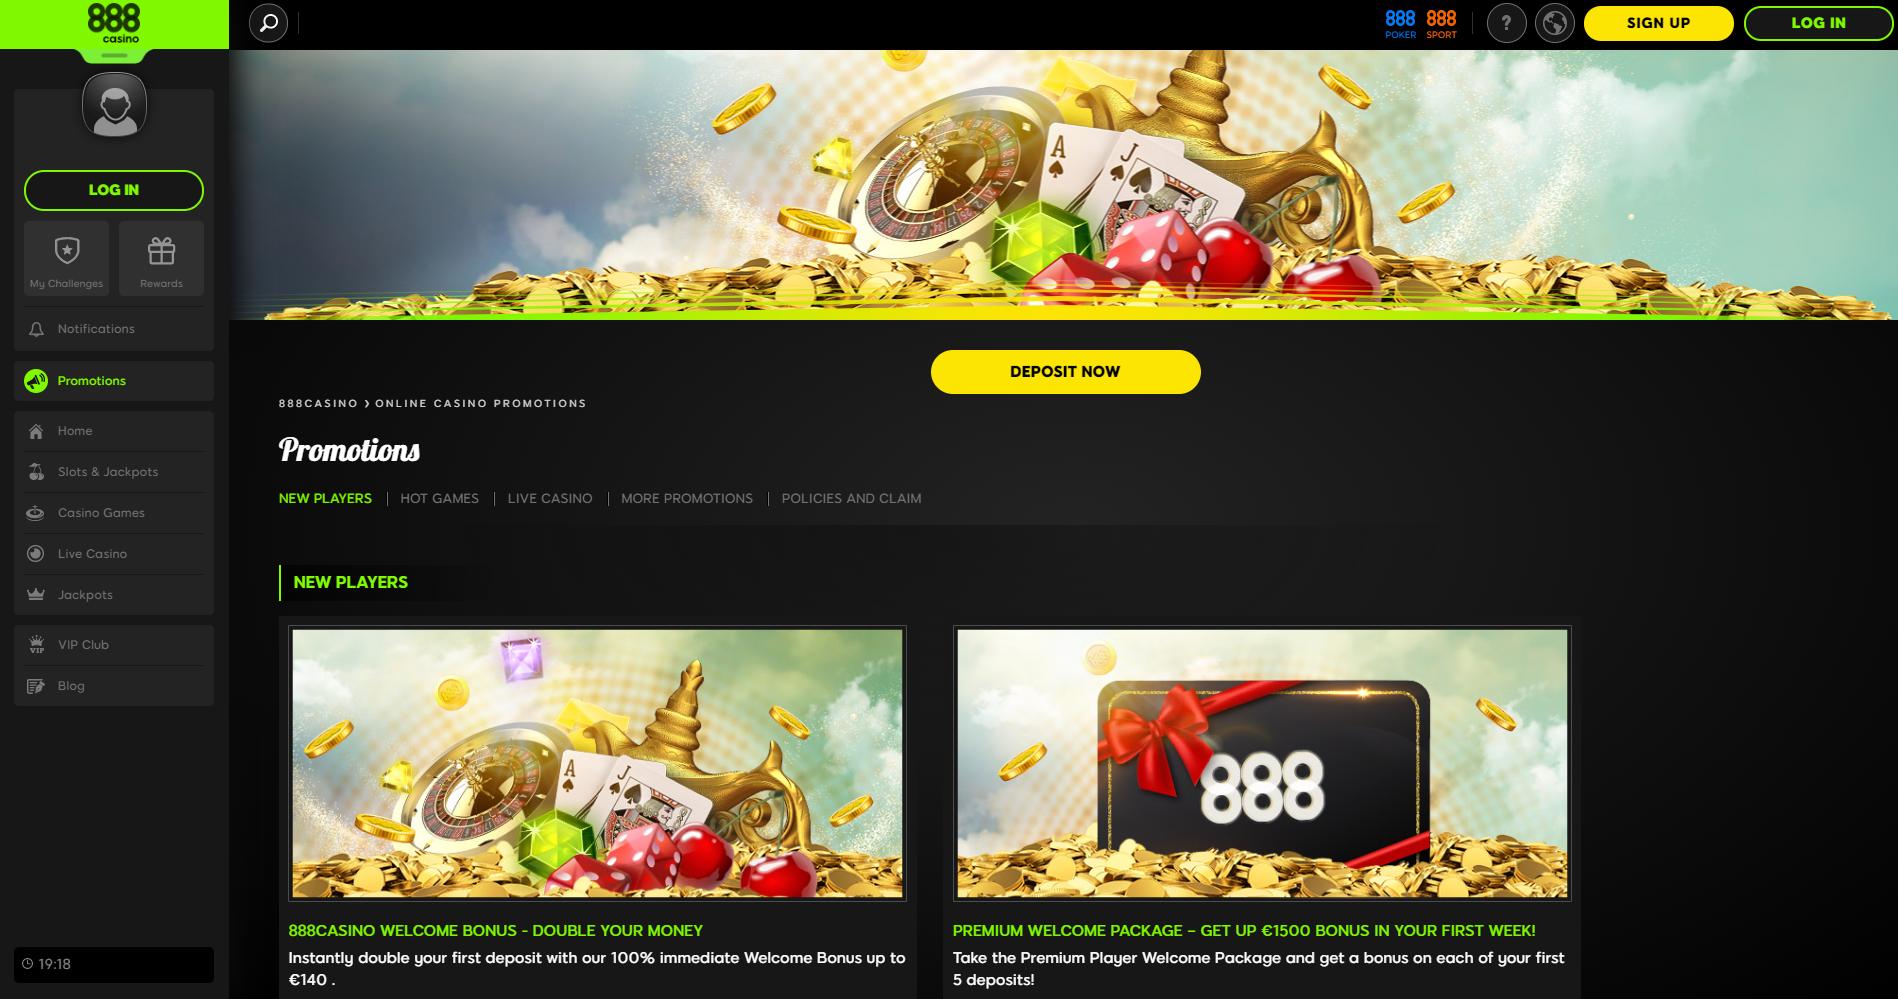 888 deposit bonus kazino premija 888 casino bonus code free spins welcome bonus kazino pasveikinimo premija